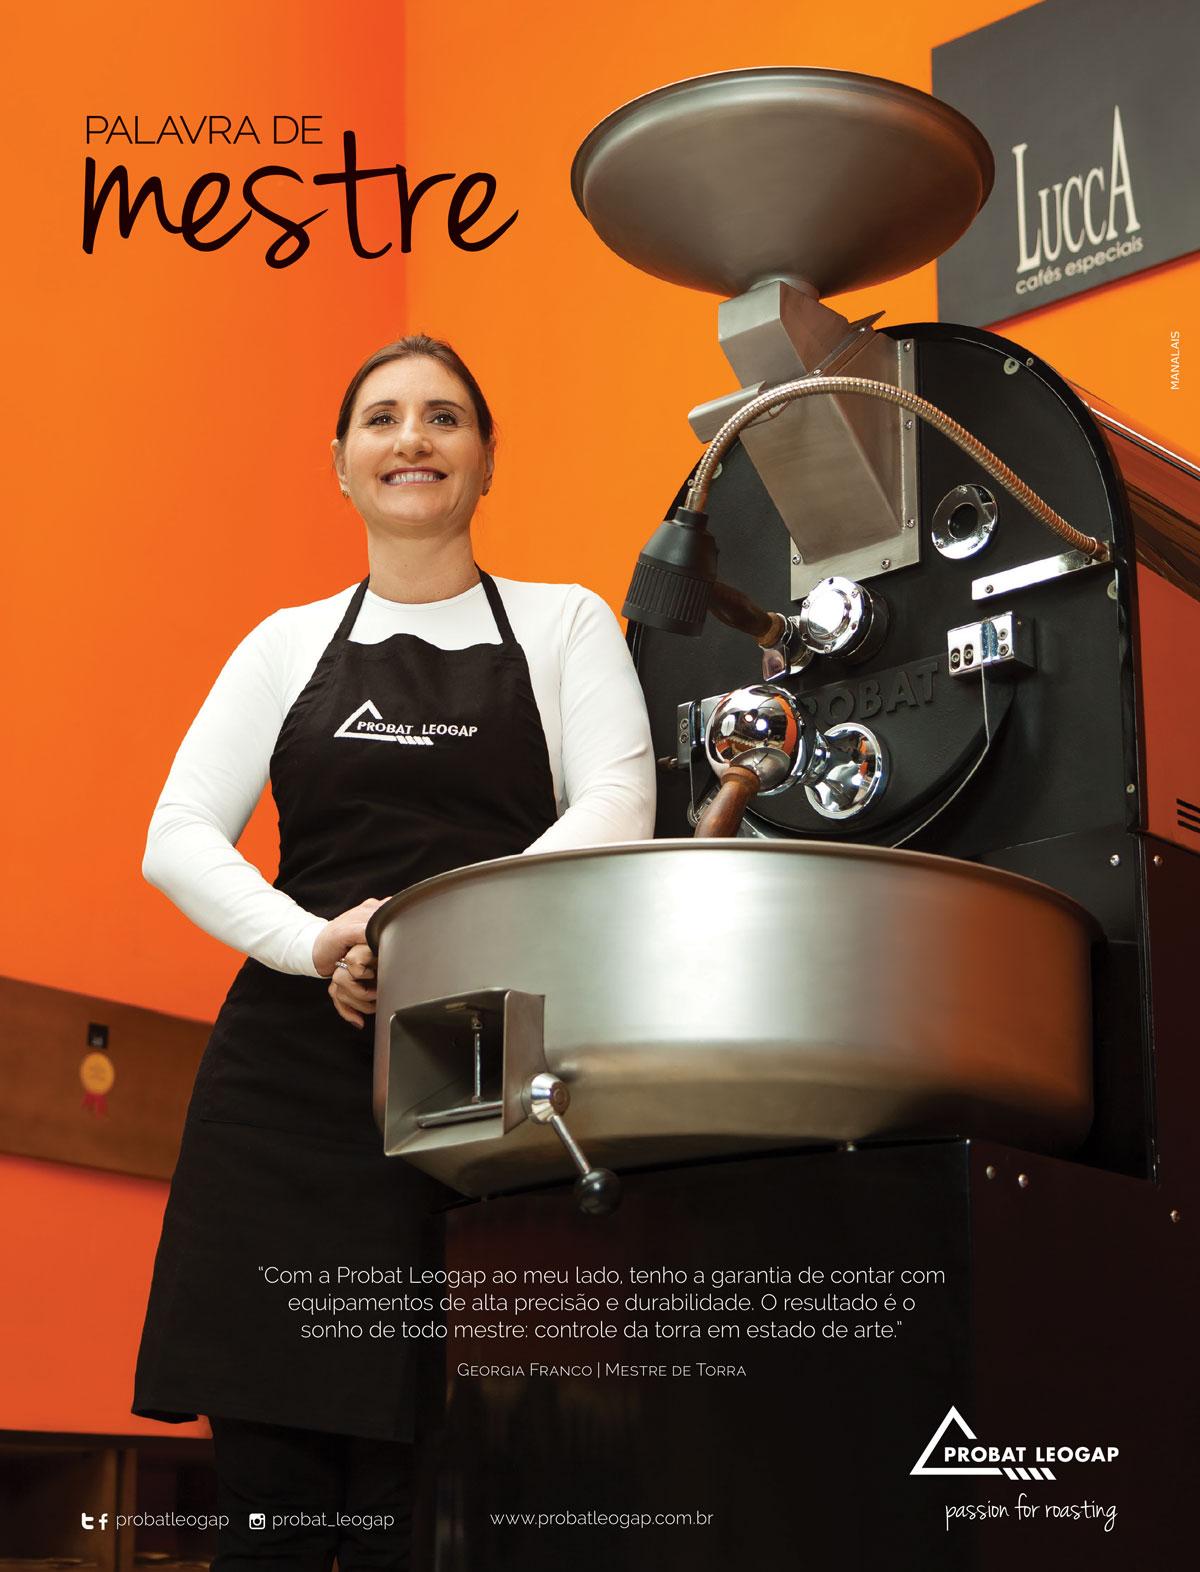 Palavra de Mestre - Lucca Cafe